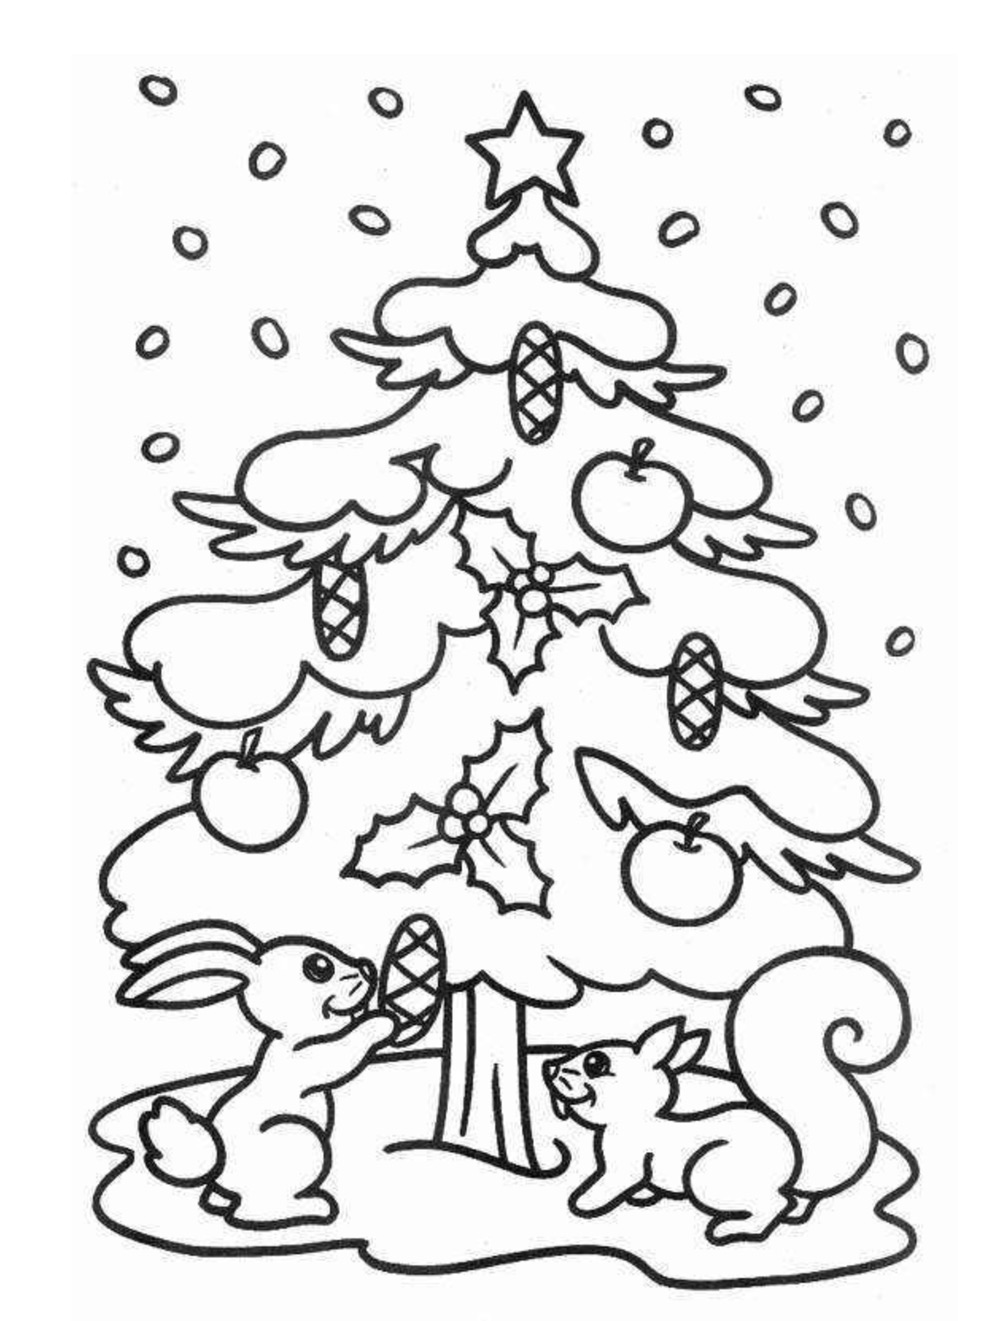 Especial de navidad dibujos para colorear y pasatiempos para navidad - Dibujos de navidad para colorear gratis ...